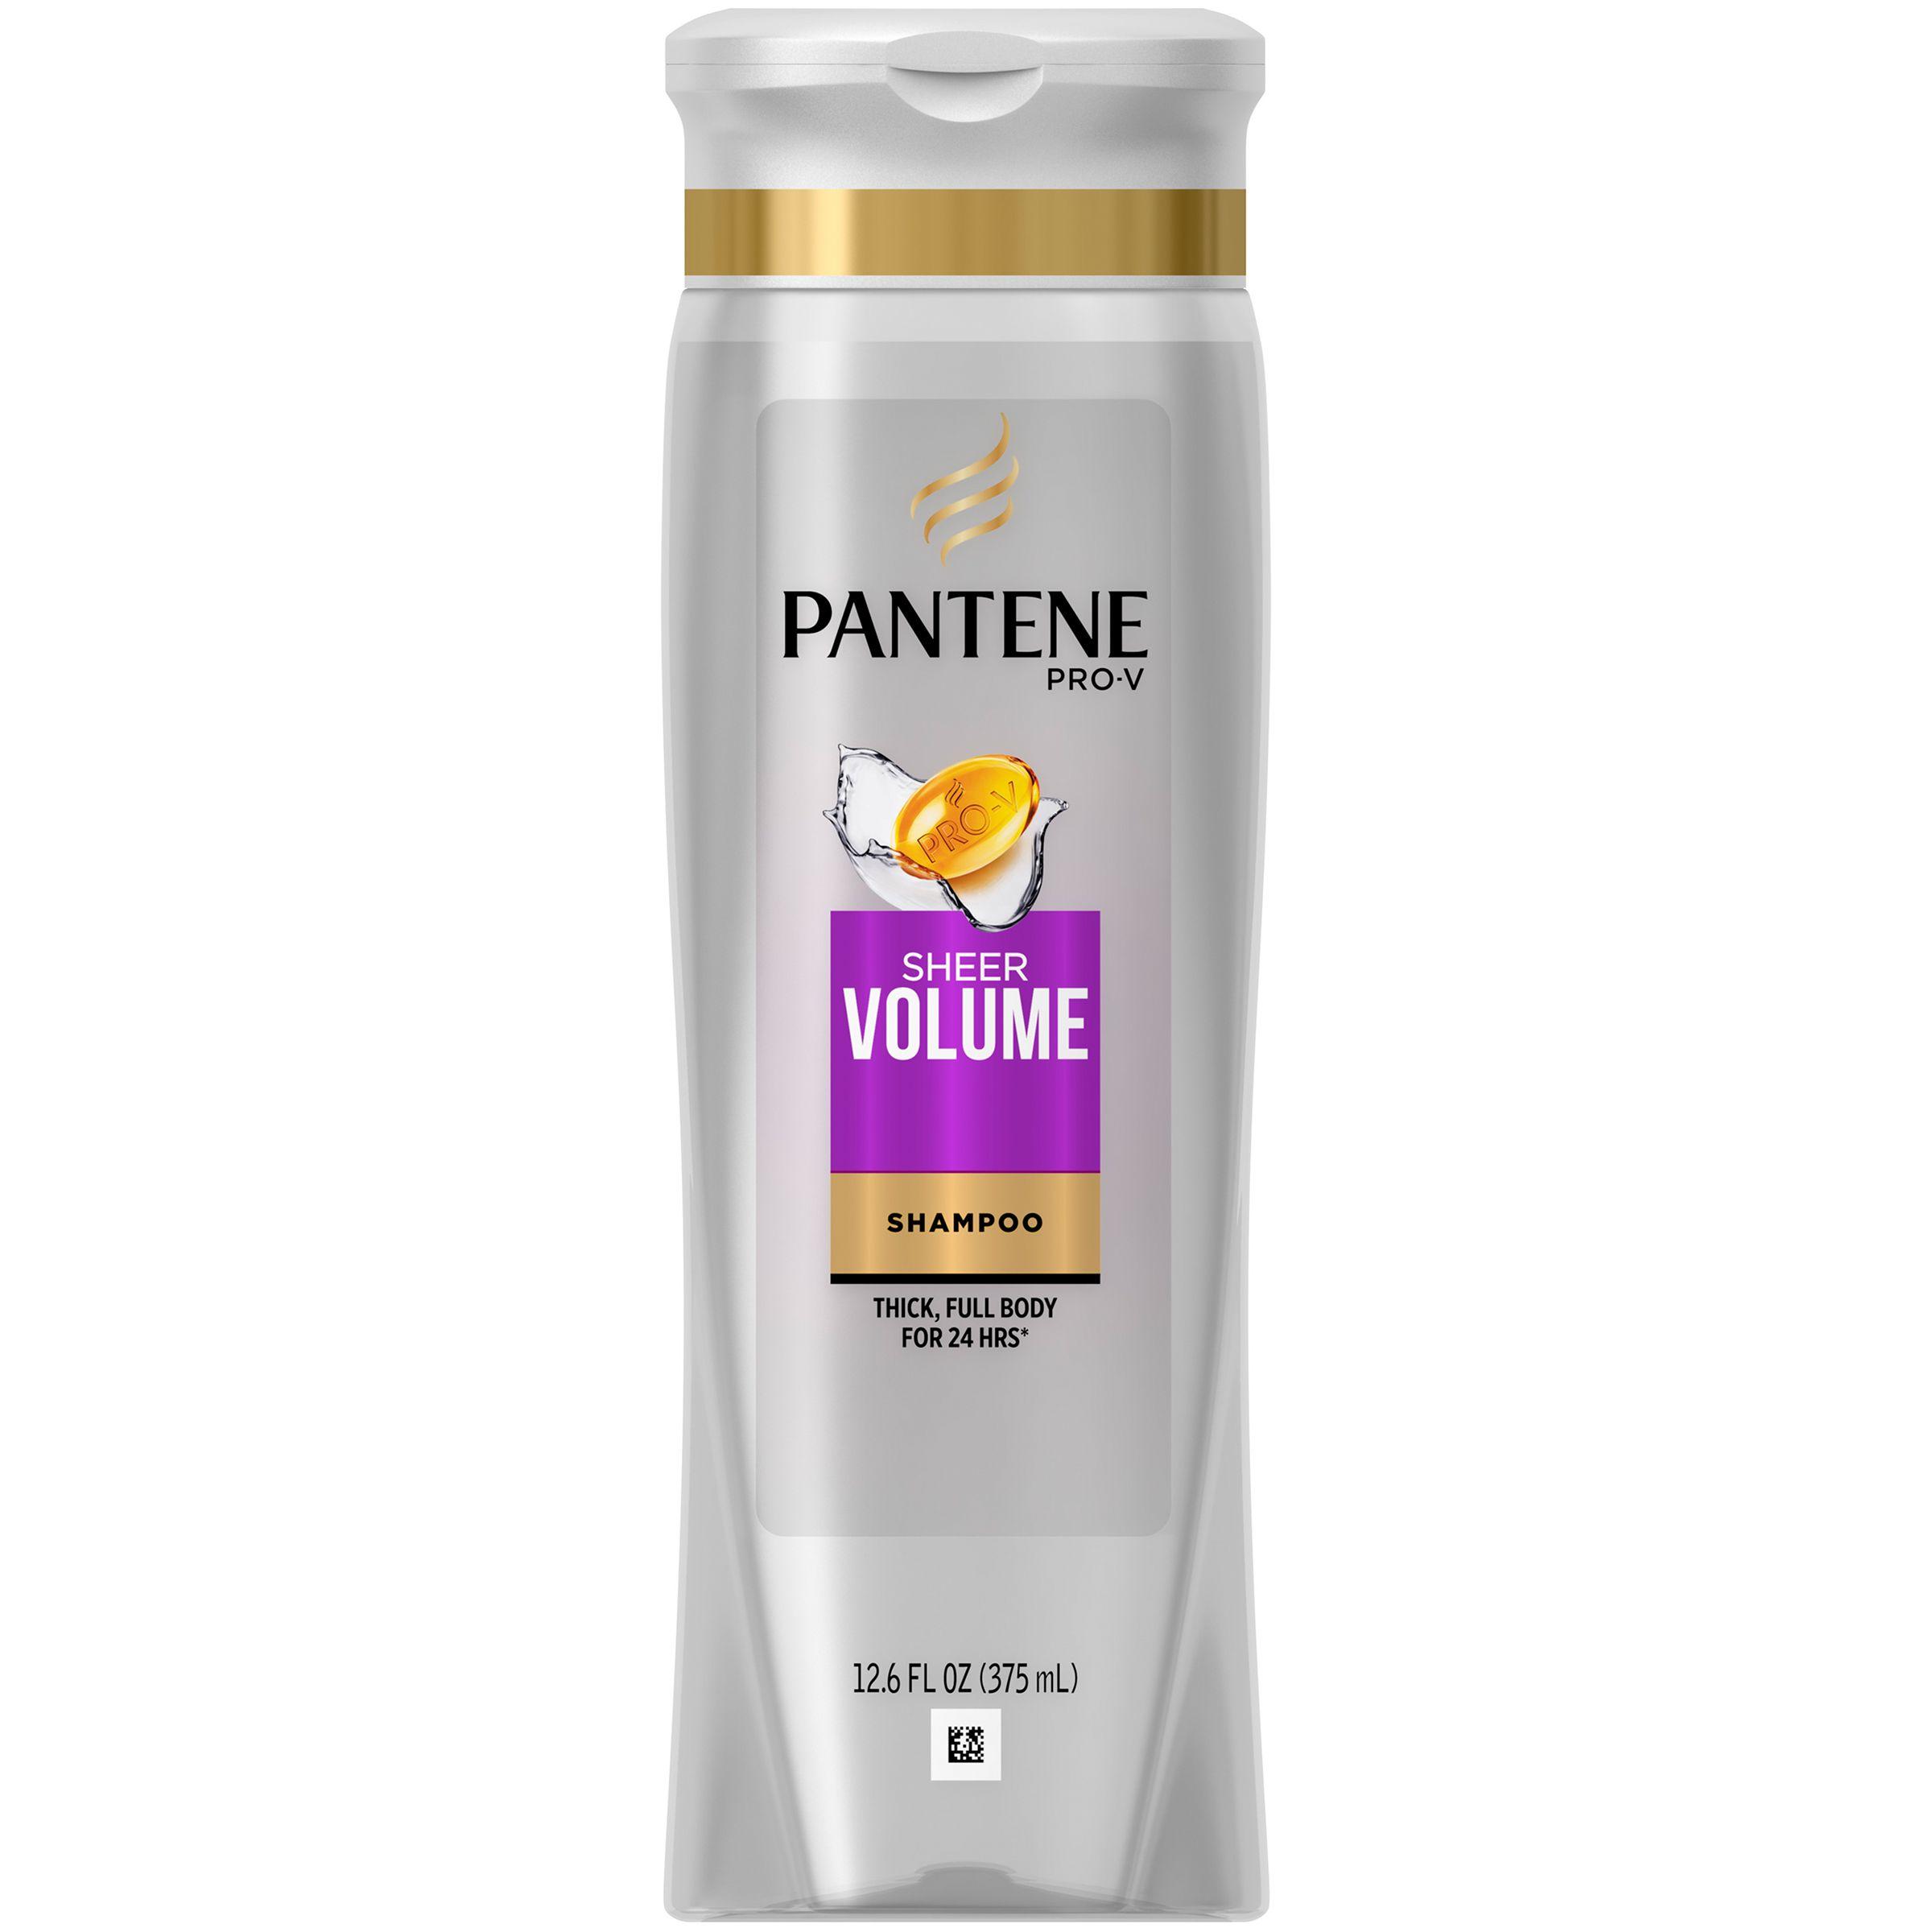 Pantene Pro V Fine Hair Volume Shampoo 12 6 Fl Oz